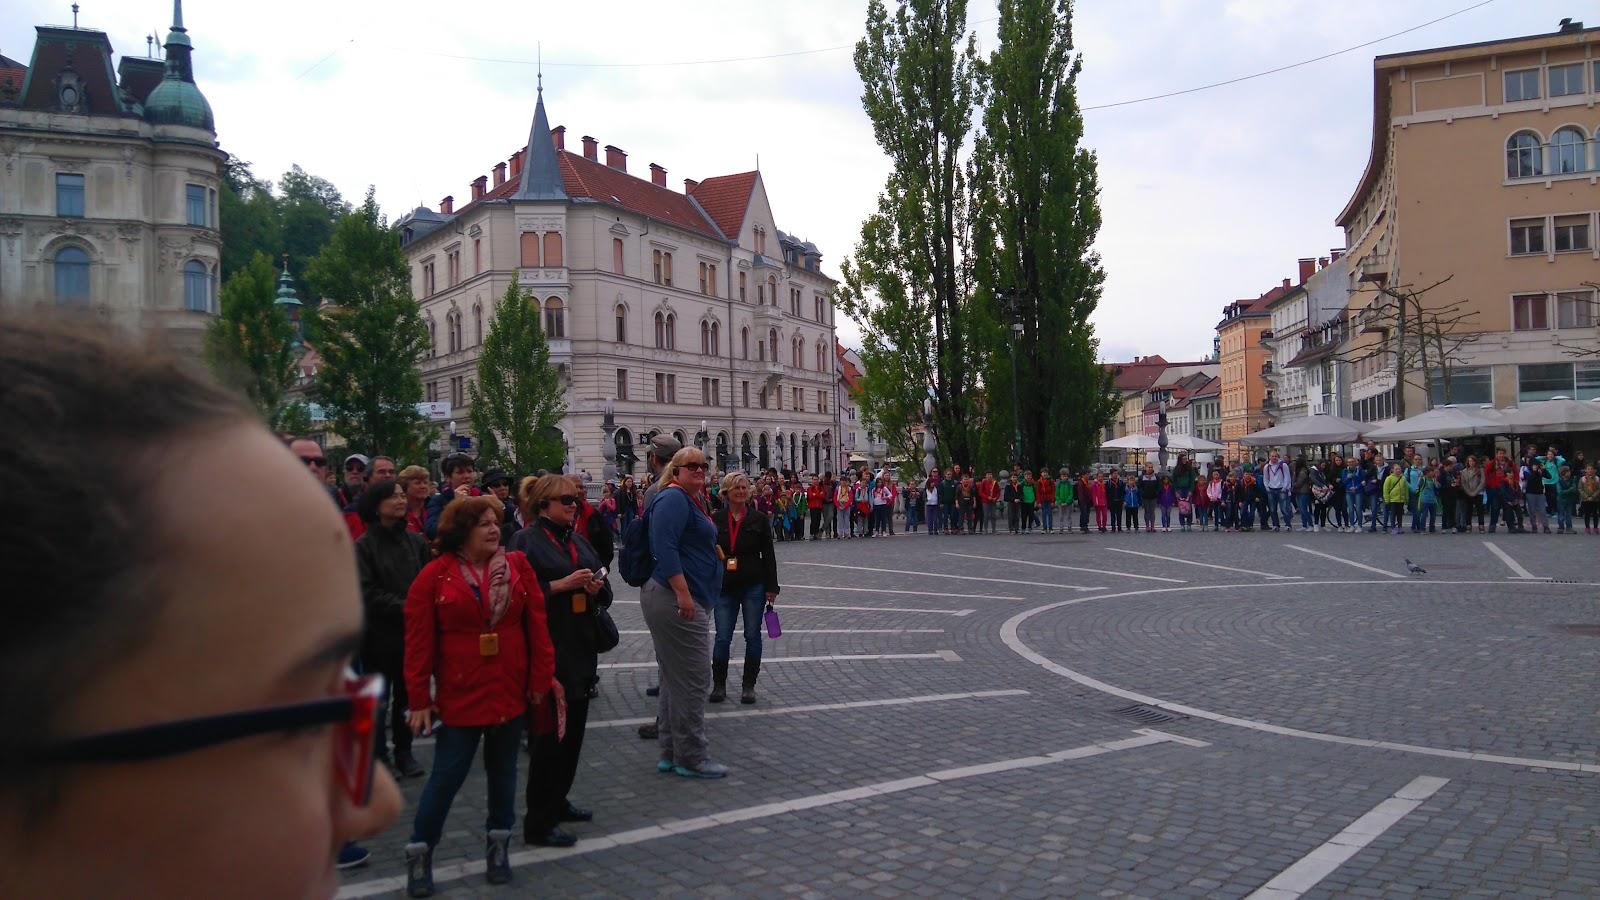 Taborniški feštival, Ljubljana 2016 - DSC_0573.JPG